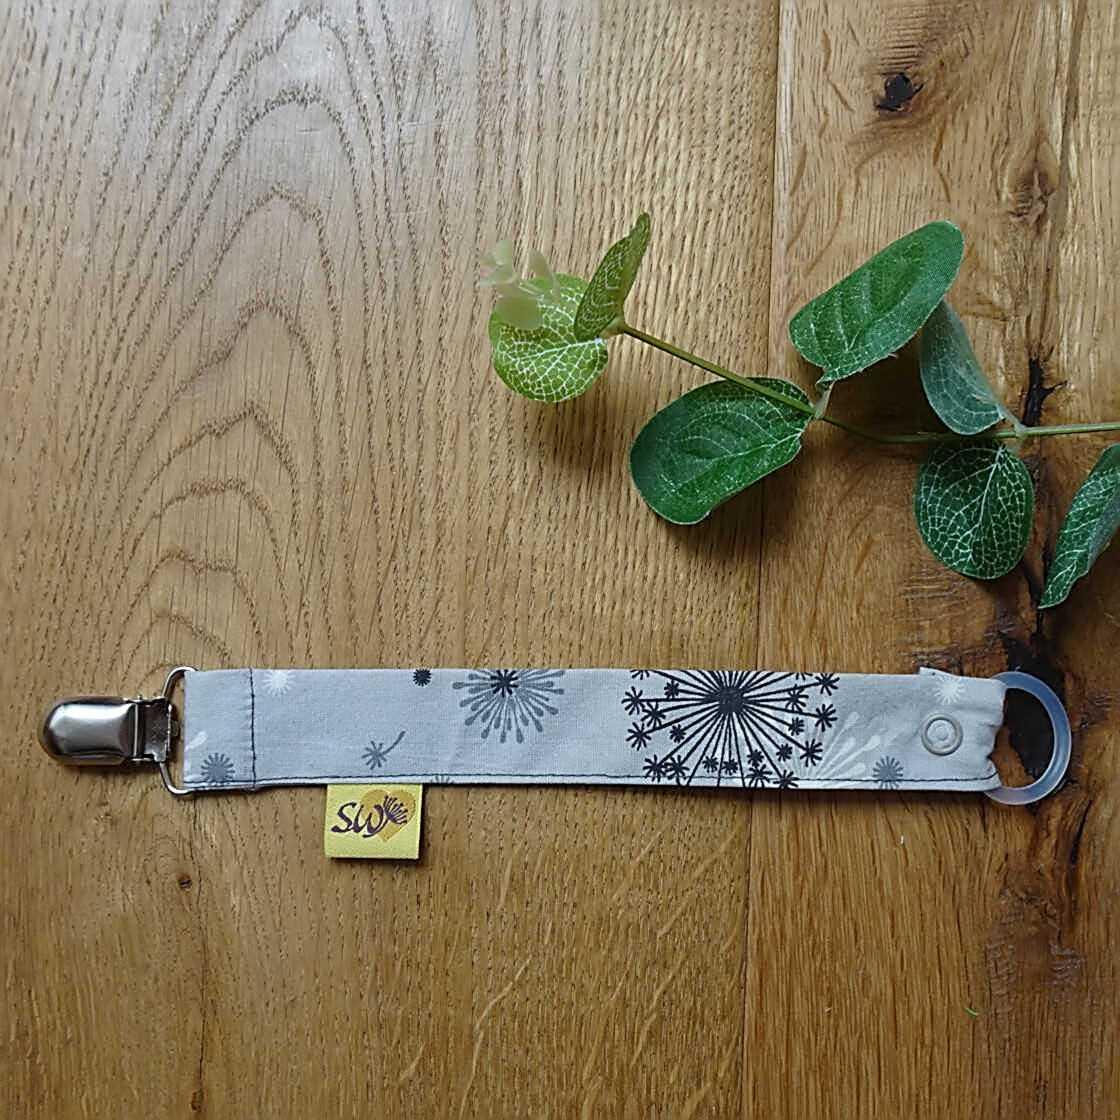 Schnullerband Pusteblume grau mit Schnuller-Adapter und Druckknopf